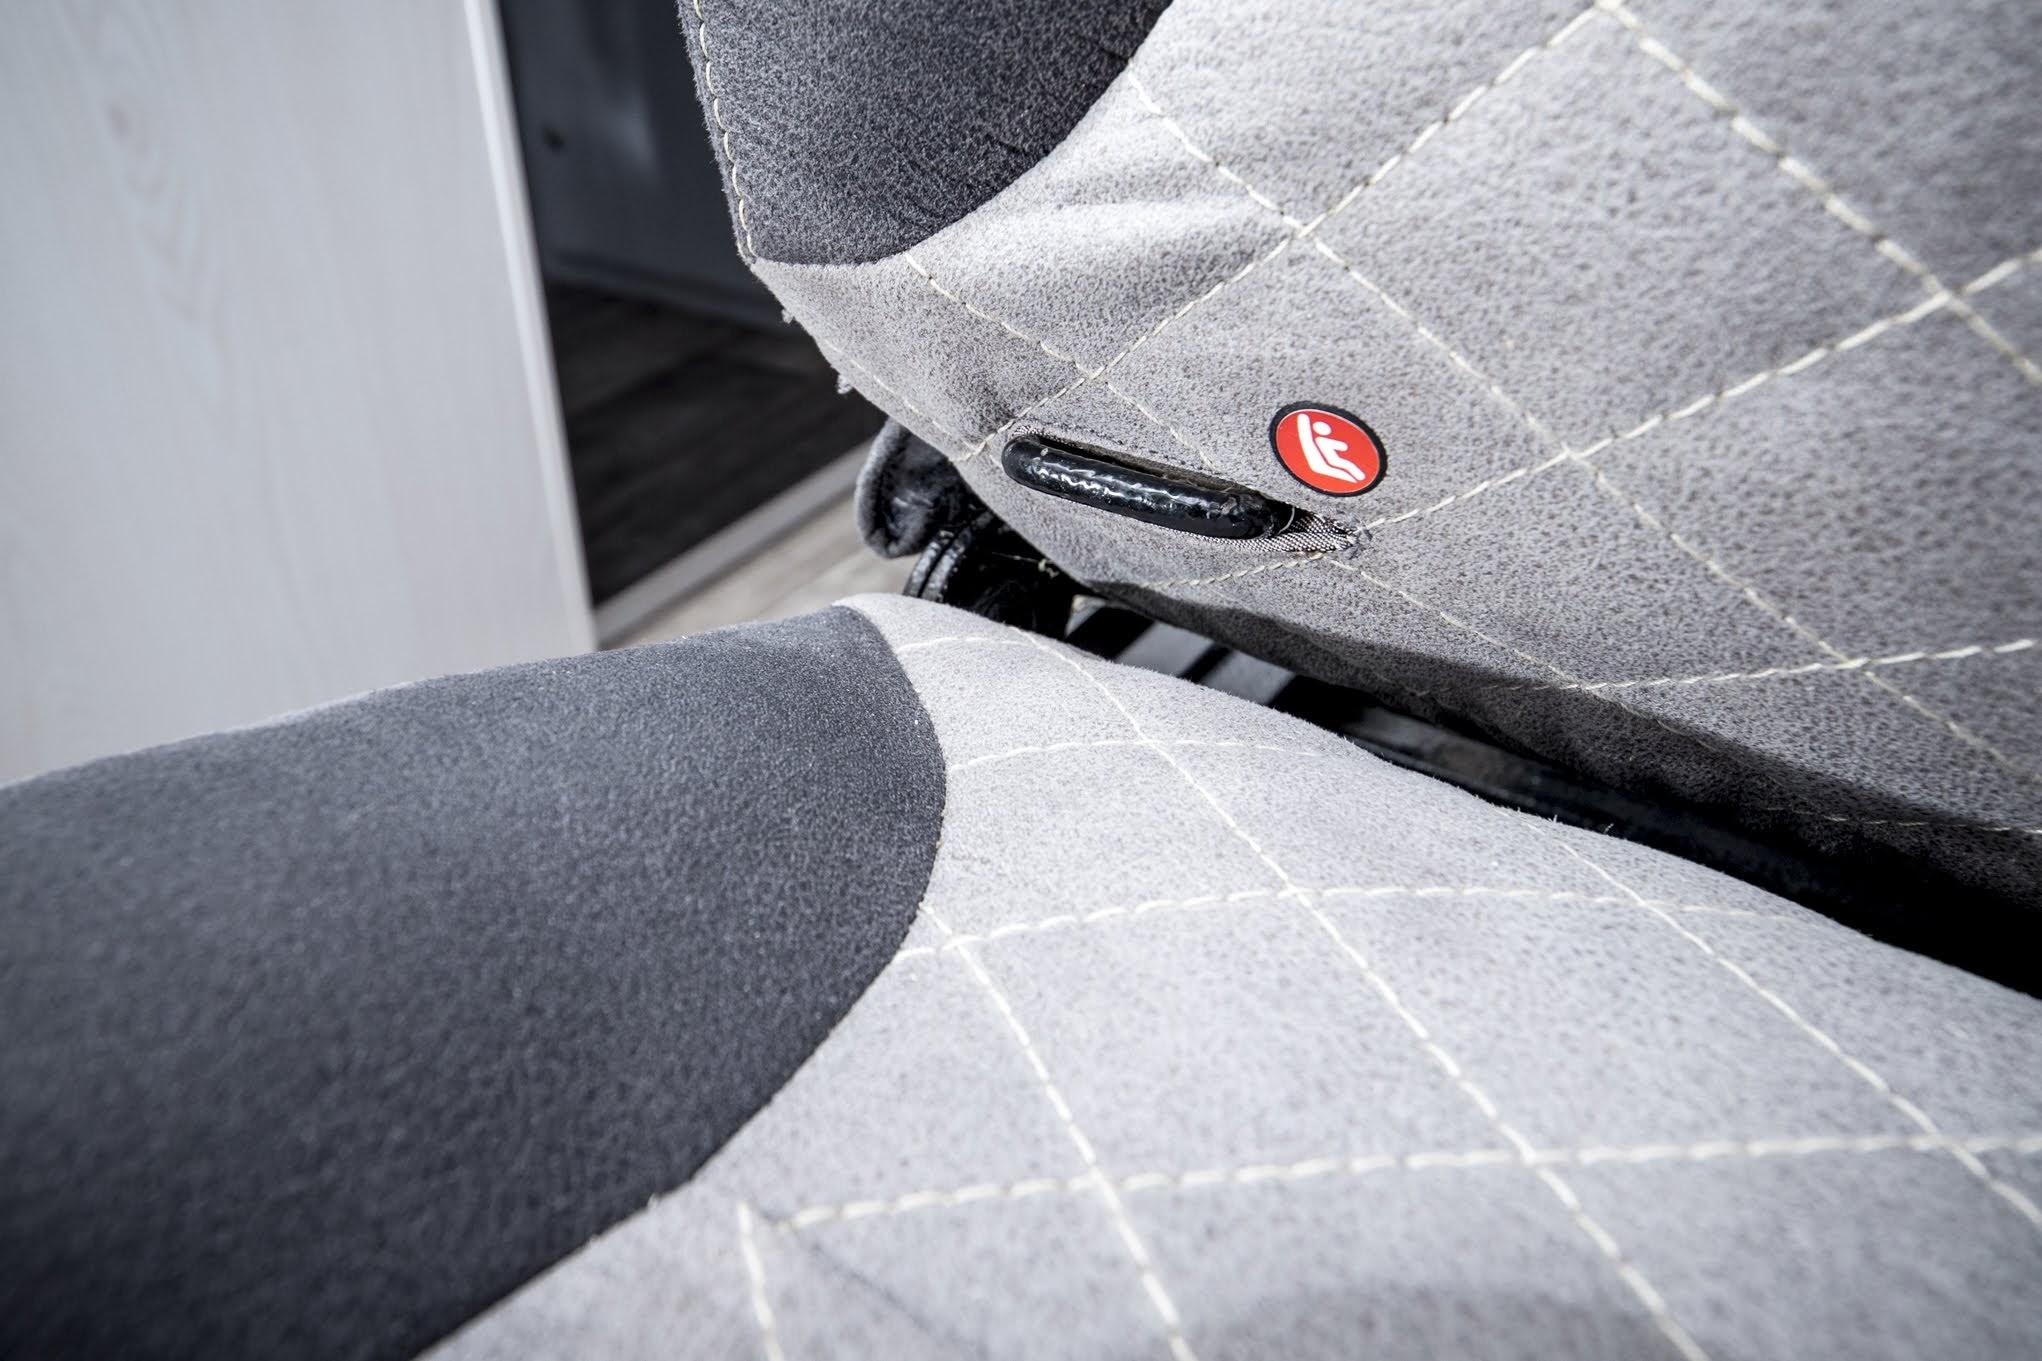 vr rundsitzecke kindersitz geräumig gemütlich camper doppeksitzbank isofix bequem verstellbar in alle richtungen